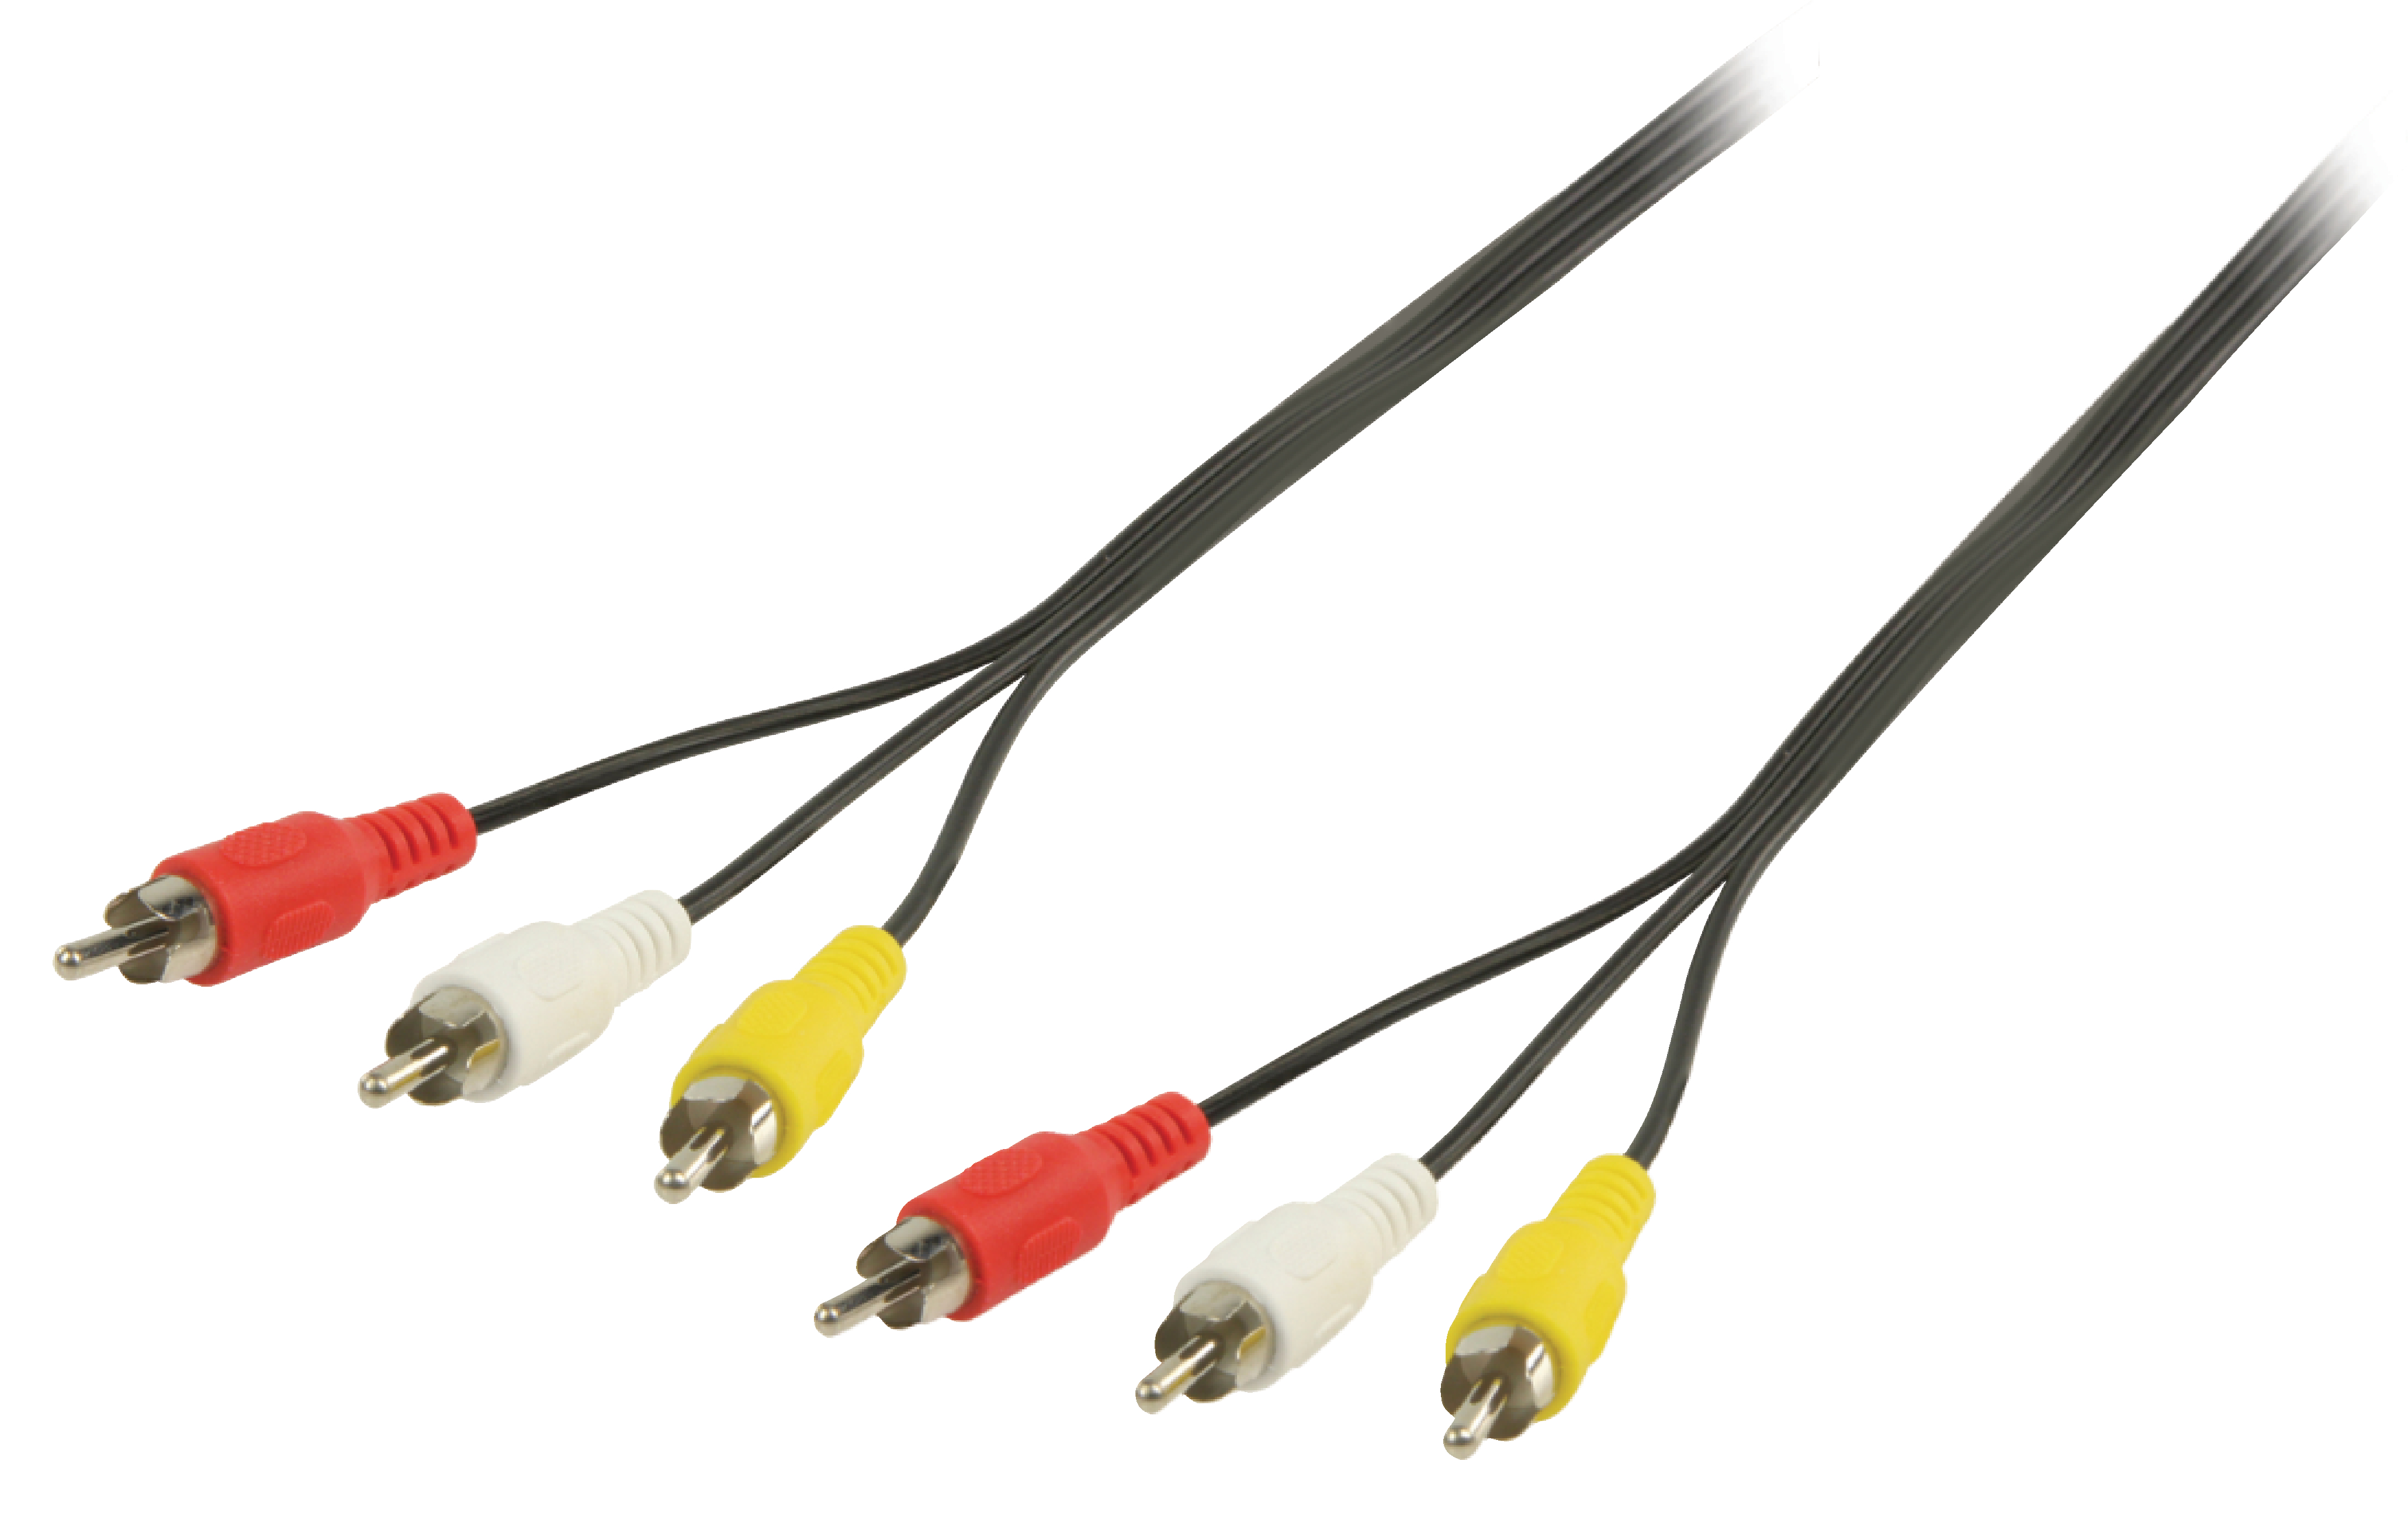 A/V-kabel 3xRCA hane - 3xRCA hane 2 m